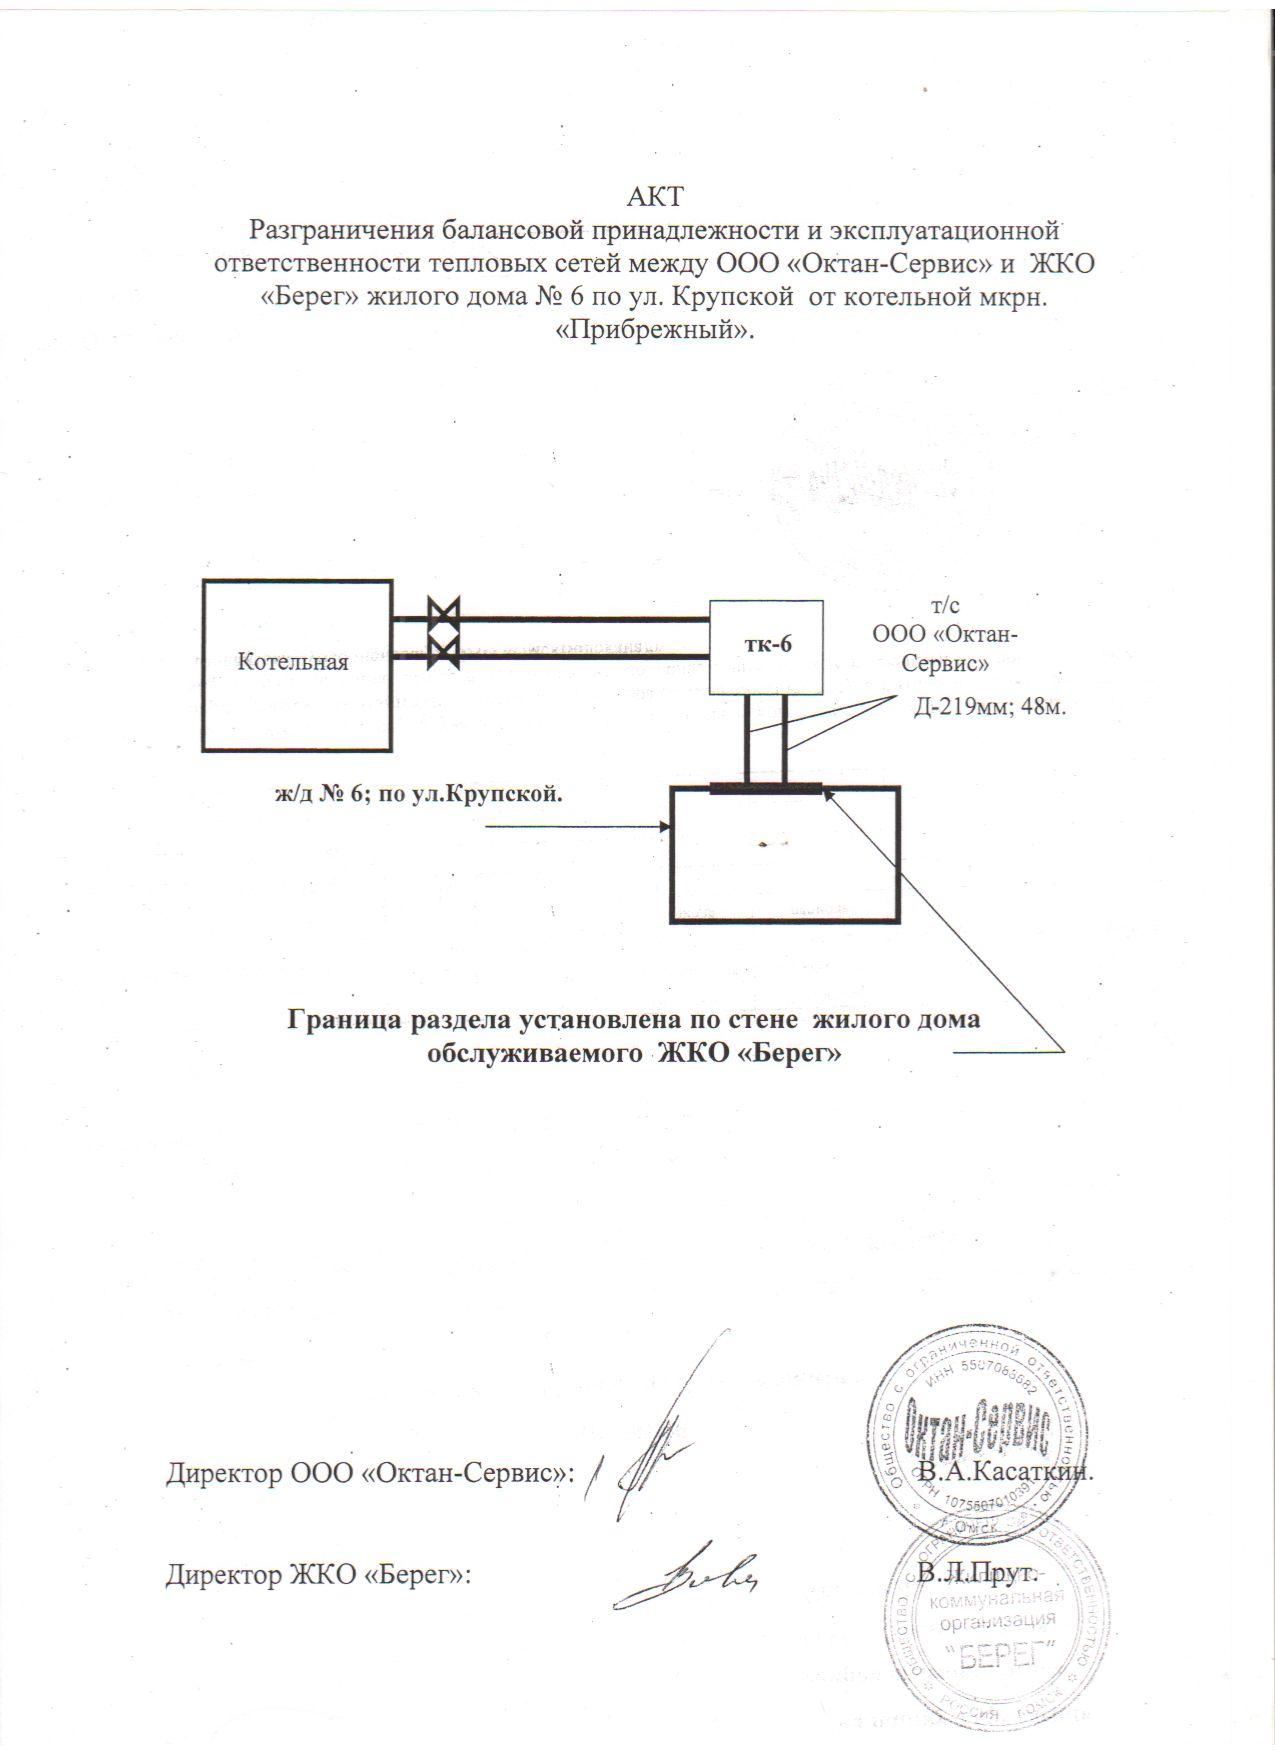 469-ФЗ О внесении изменений в Жилищный кодекс Российской Федерации